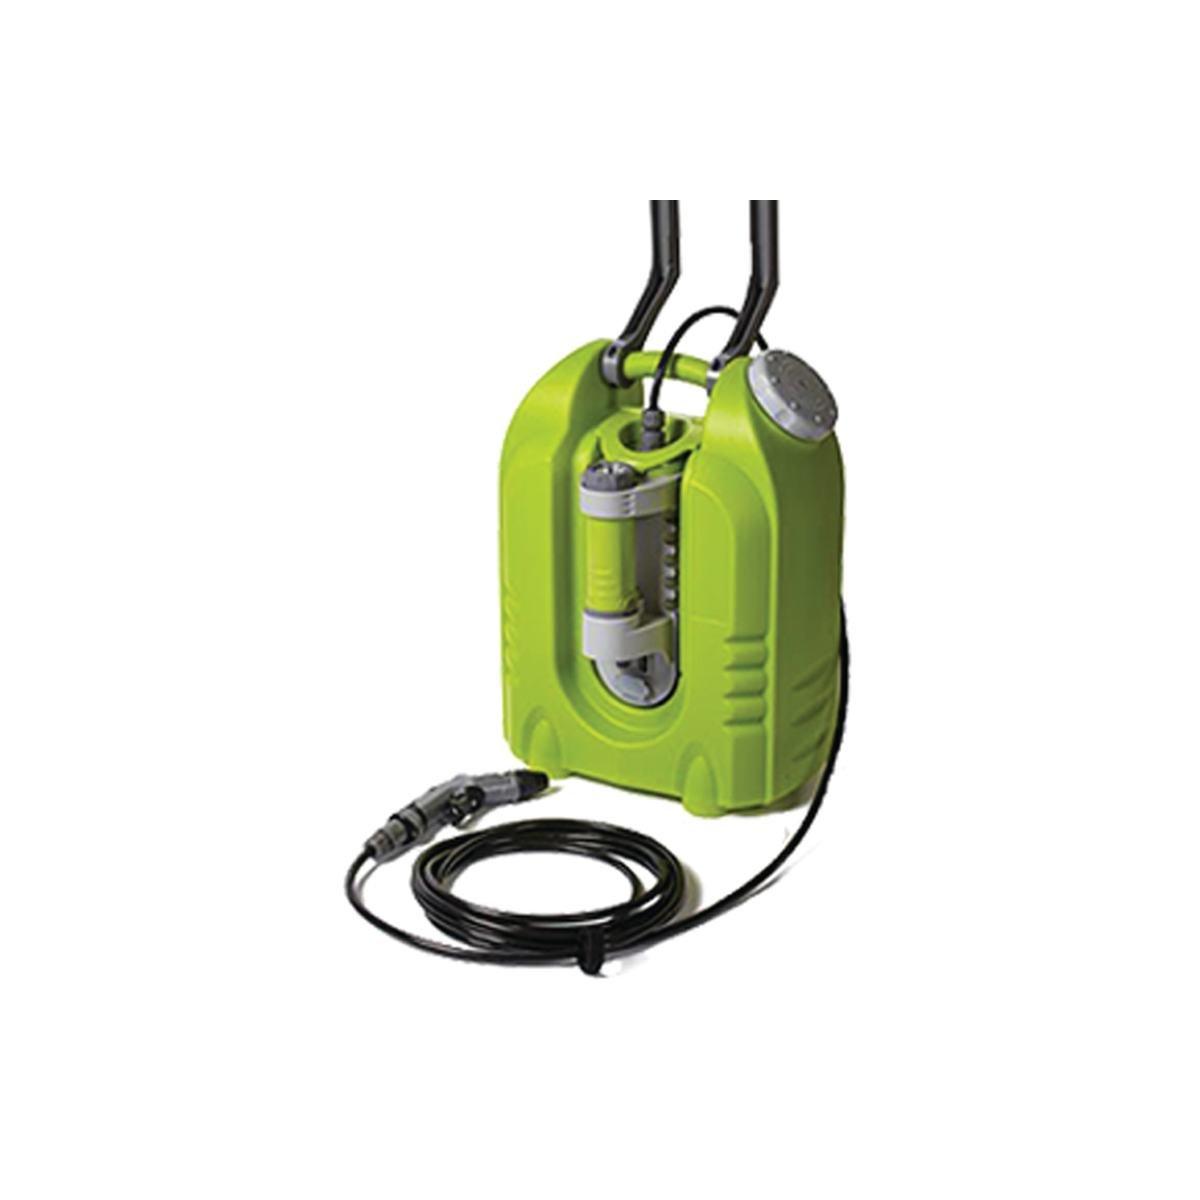 Høytrykksvasker med vanntank 15V oppladbar - Nomad